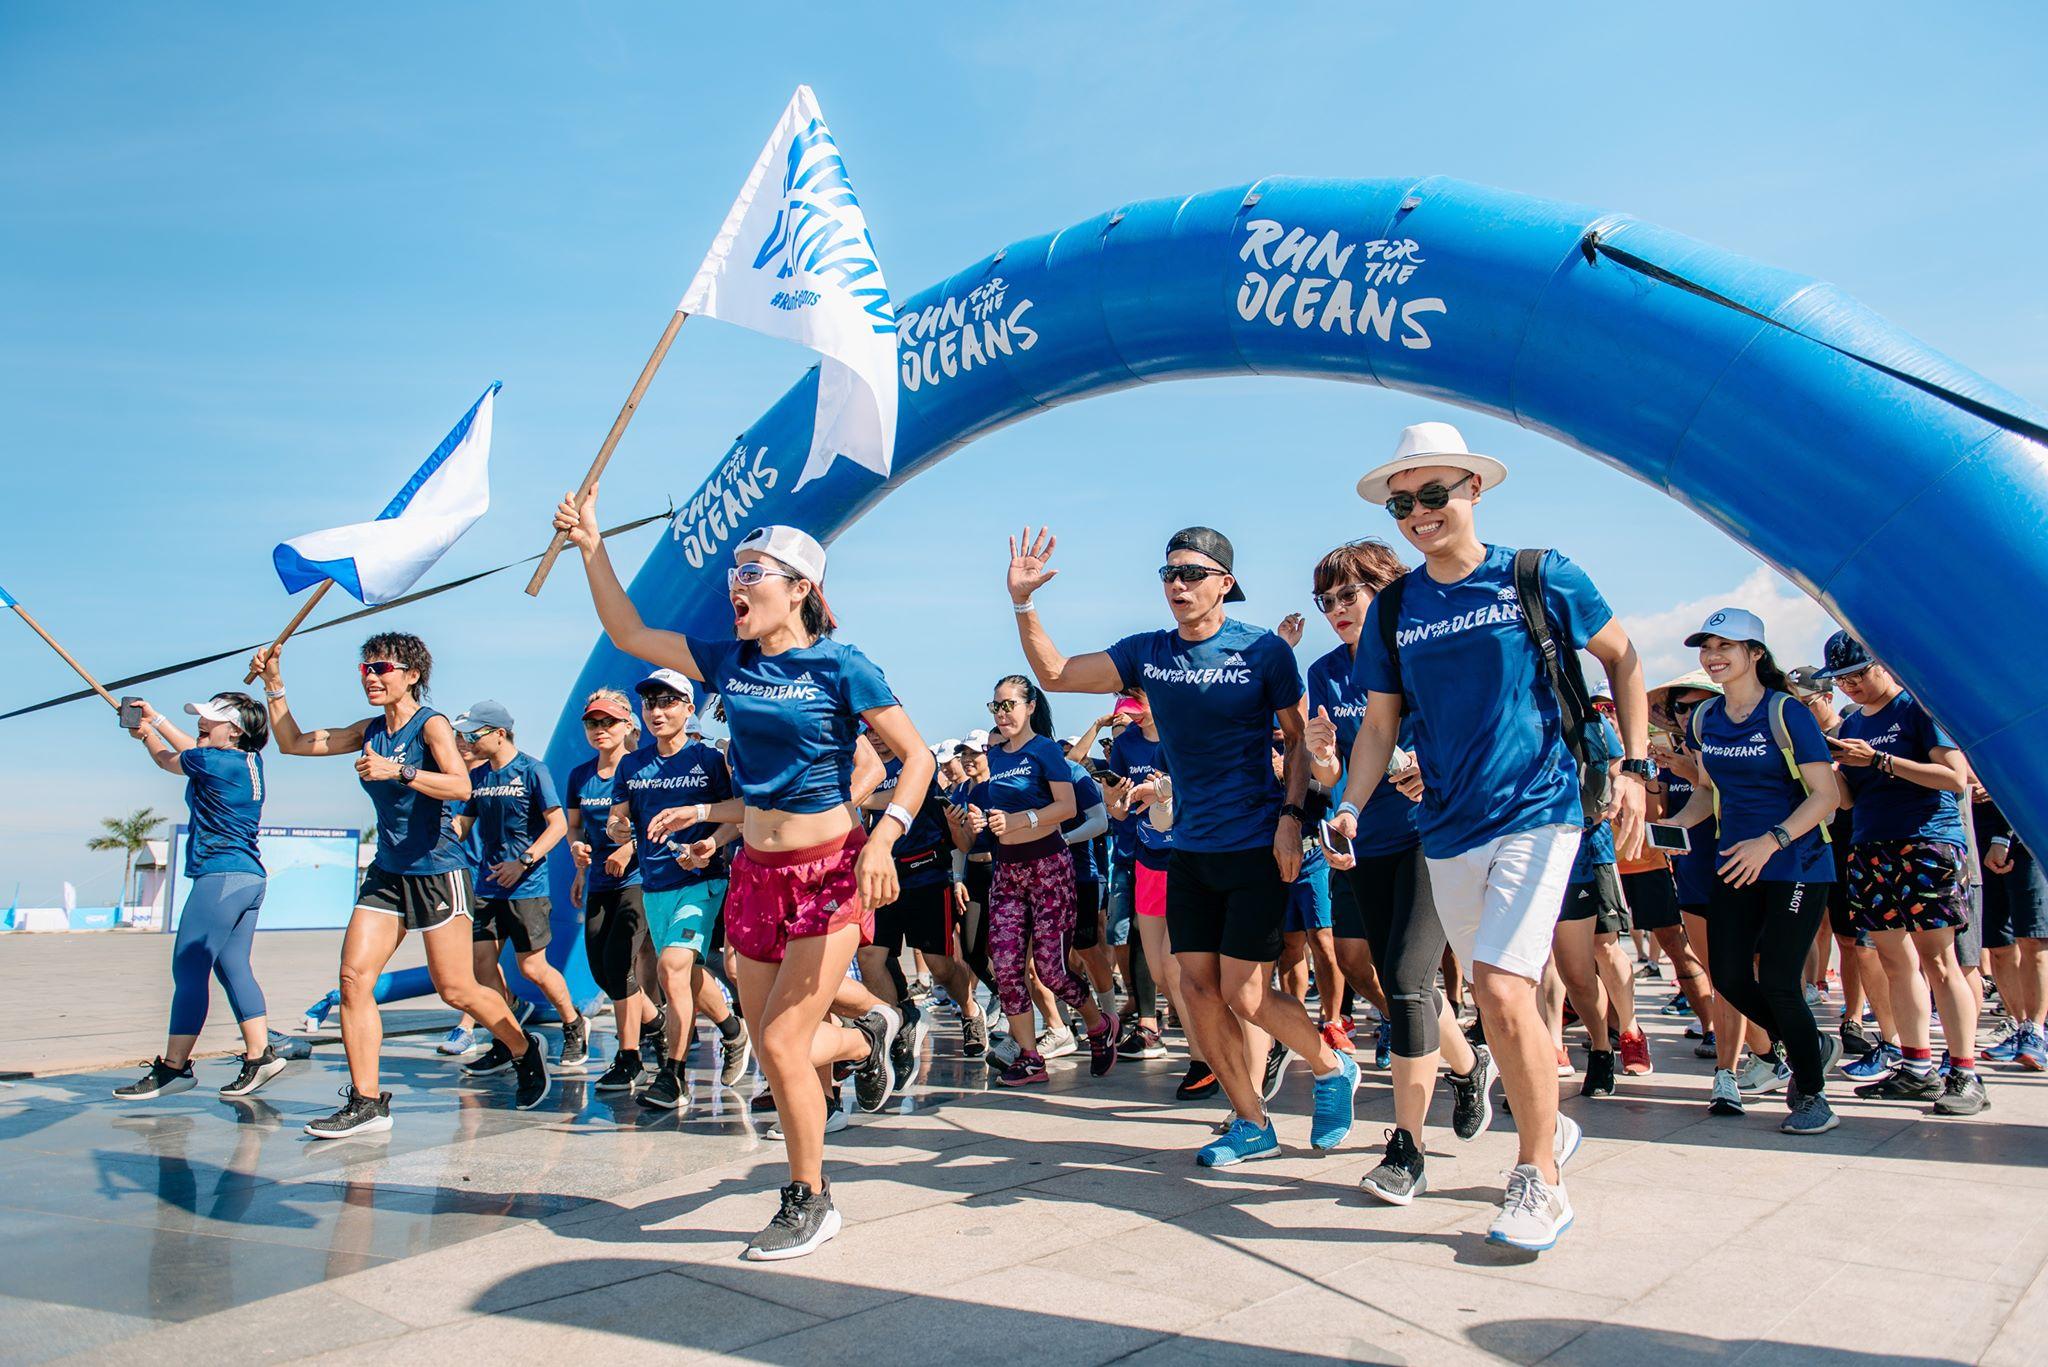 Ngay trước VNExpress Marathon, ở Quy Nhơn diễn ra một buổi chạy xanh mát, bạn có biết?